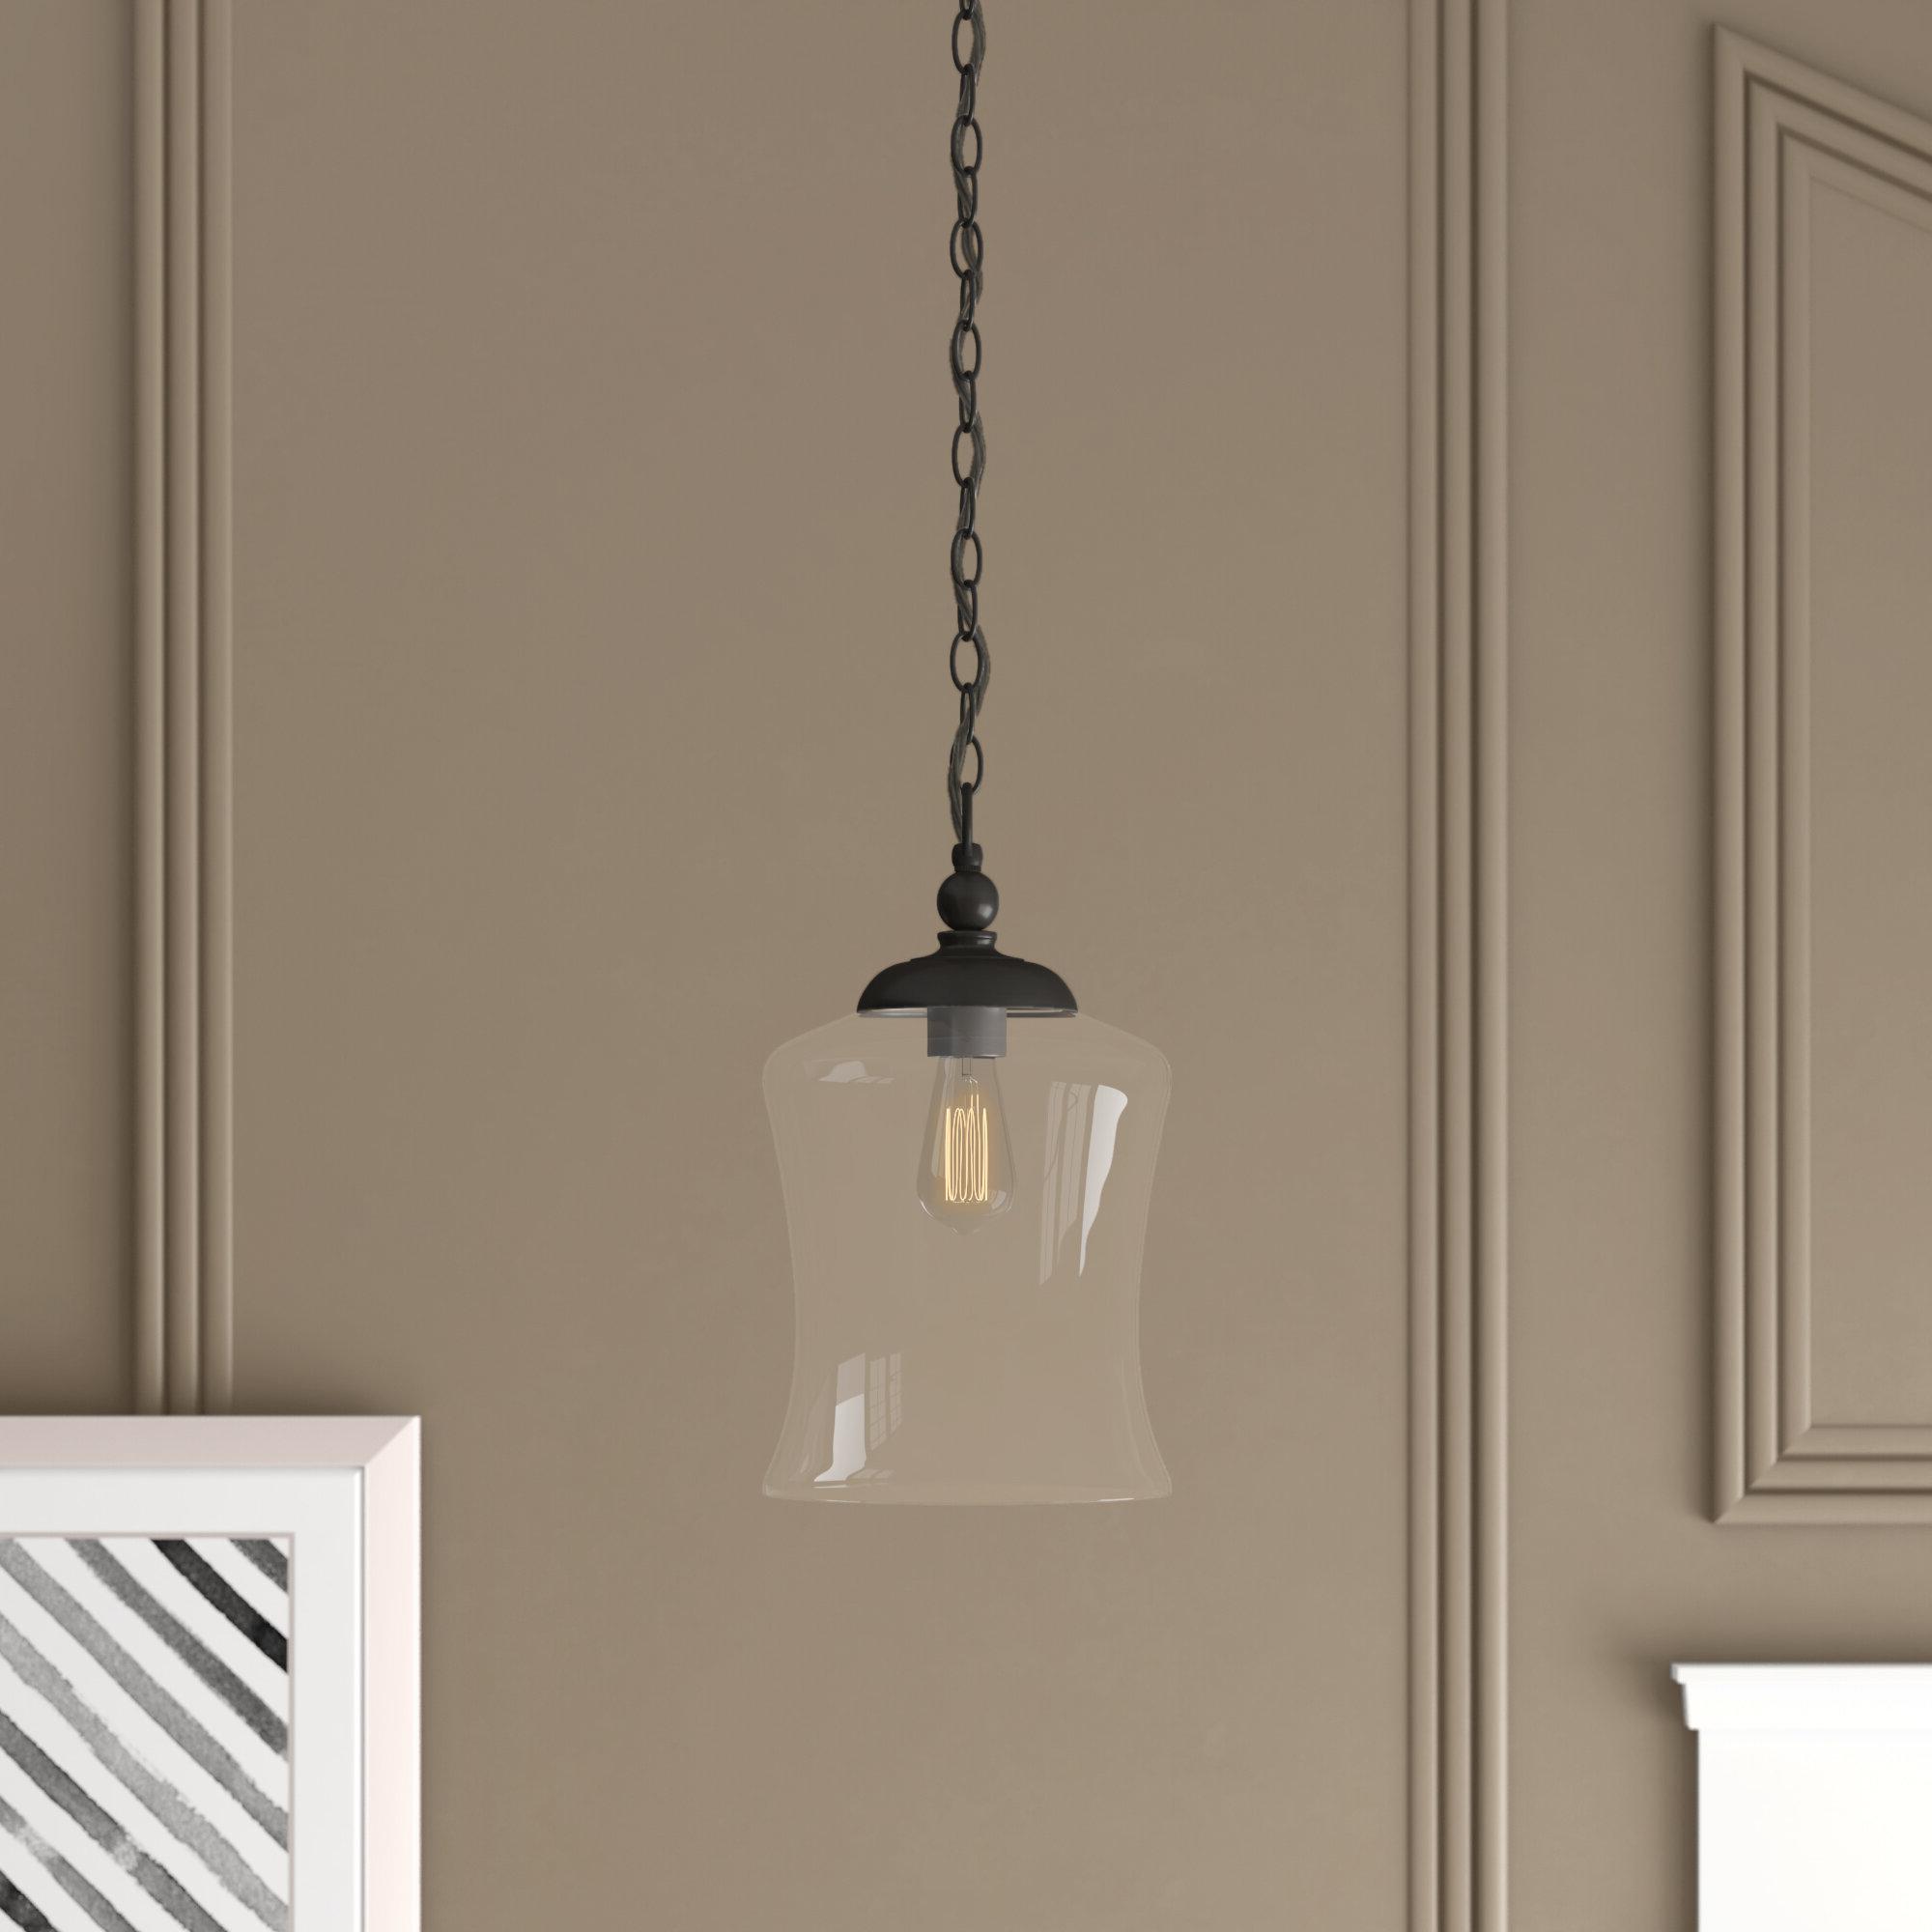 2020 Wentzville 1 Light Single Bell Pendant For Sargent 1 Light Single Bell Pendants (View 3 of 20)